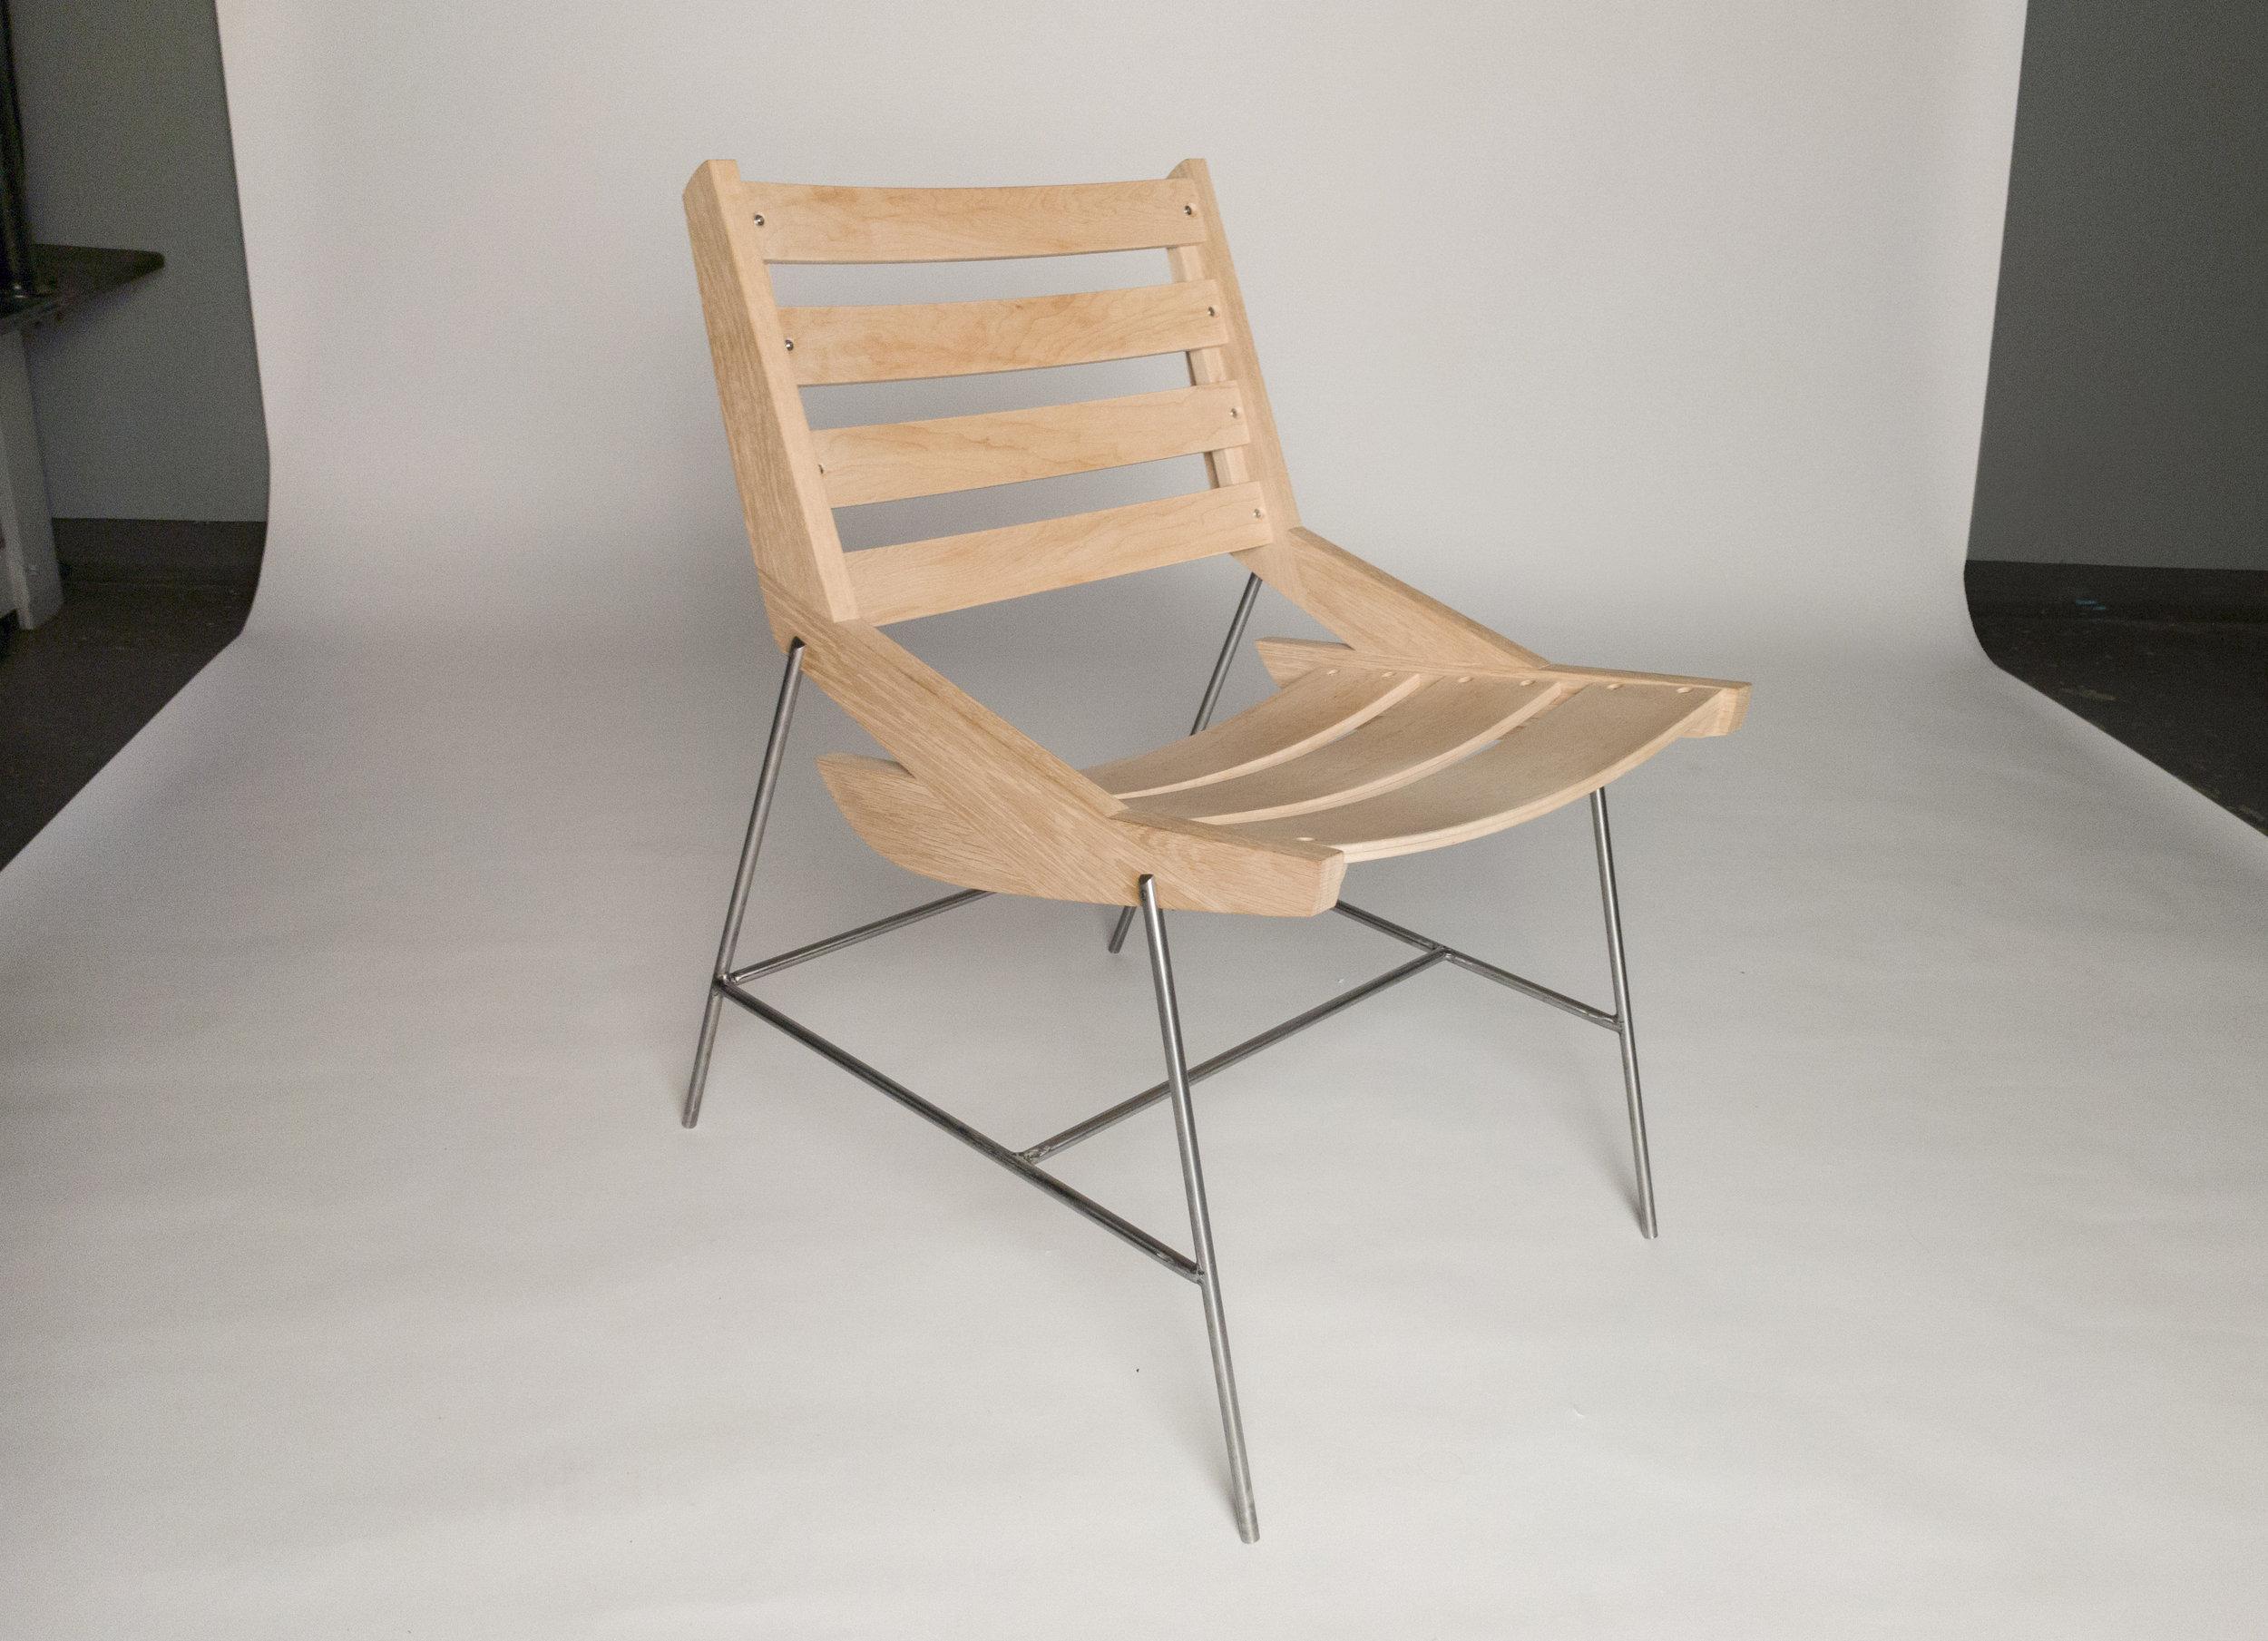 Chair final1 more shopped.jpg